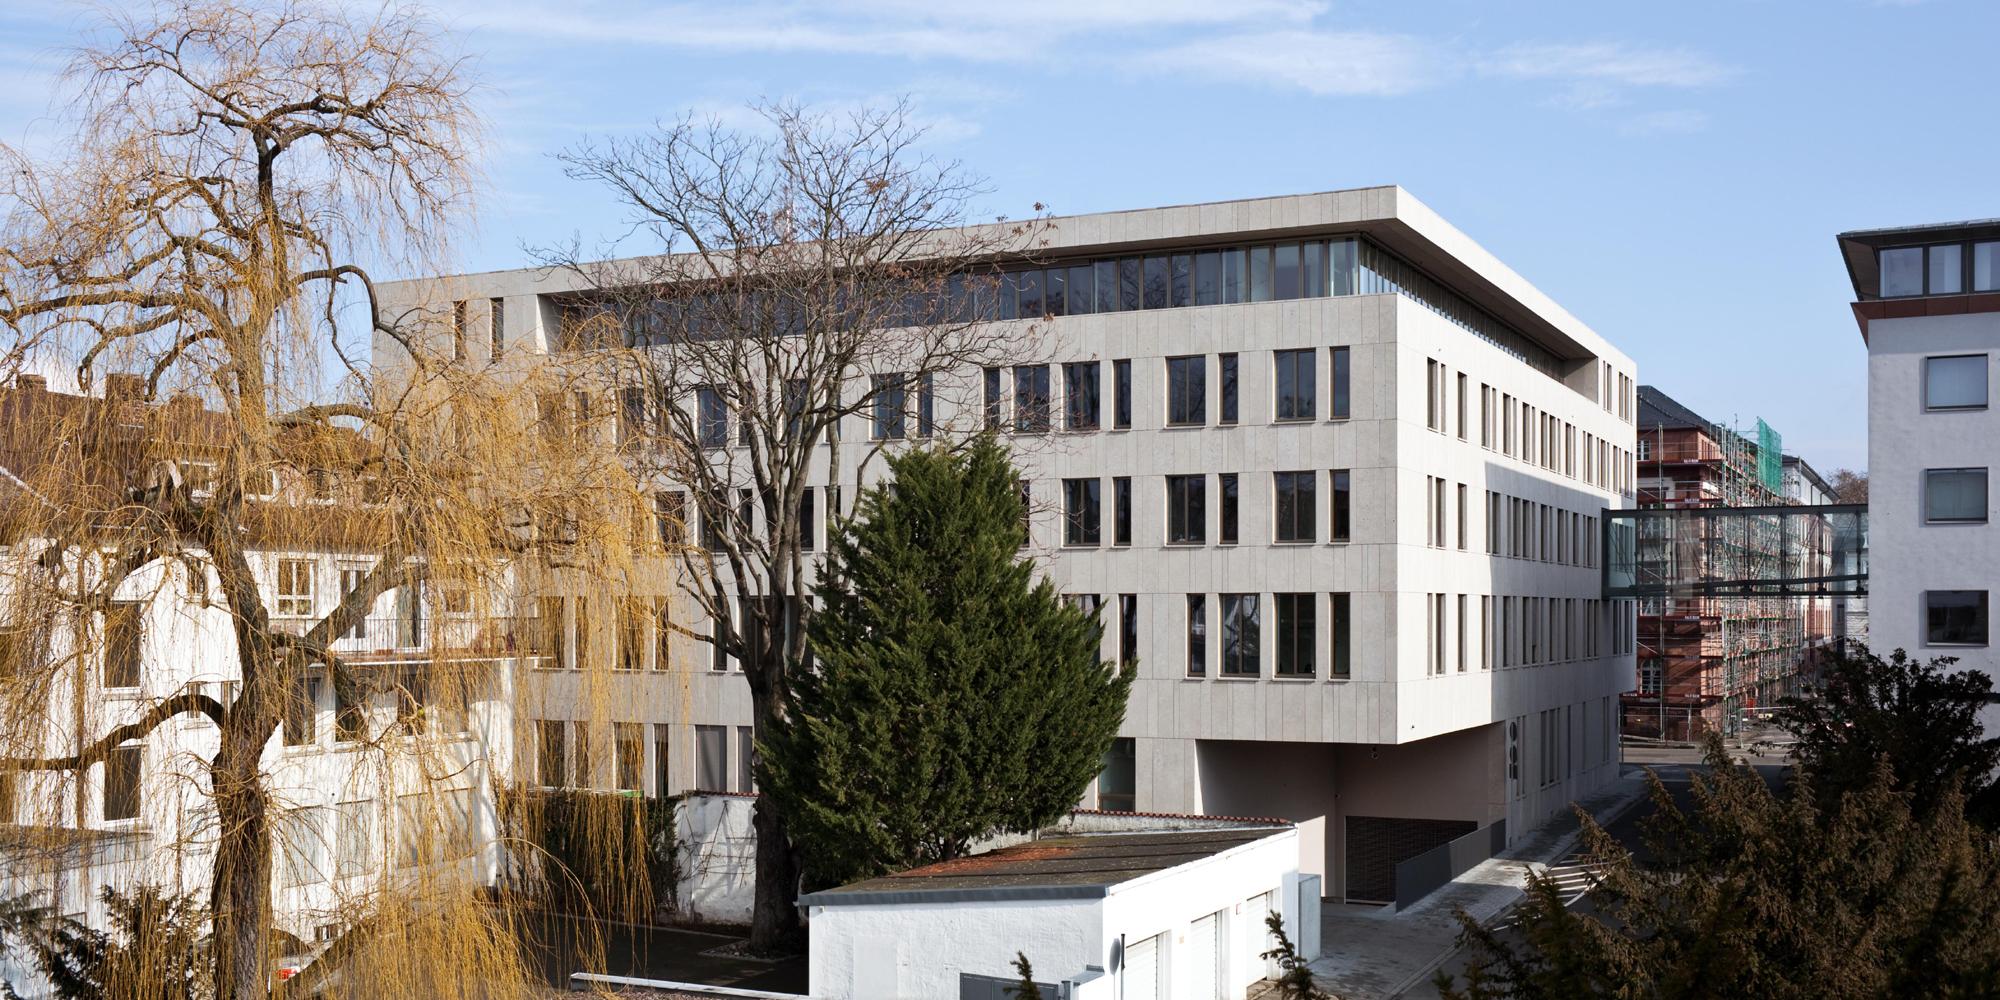 Justizzentrum - Aussenansicht